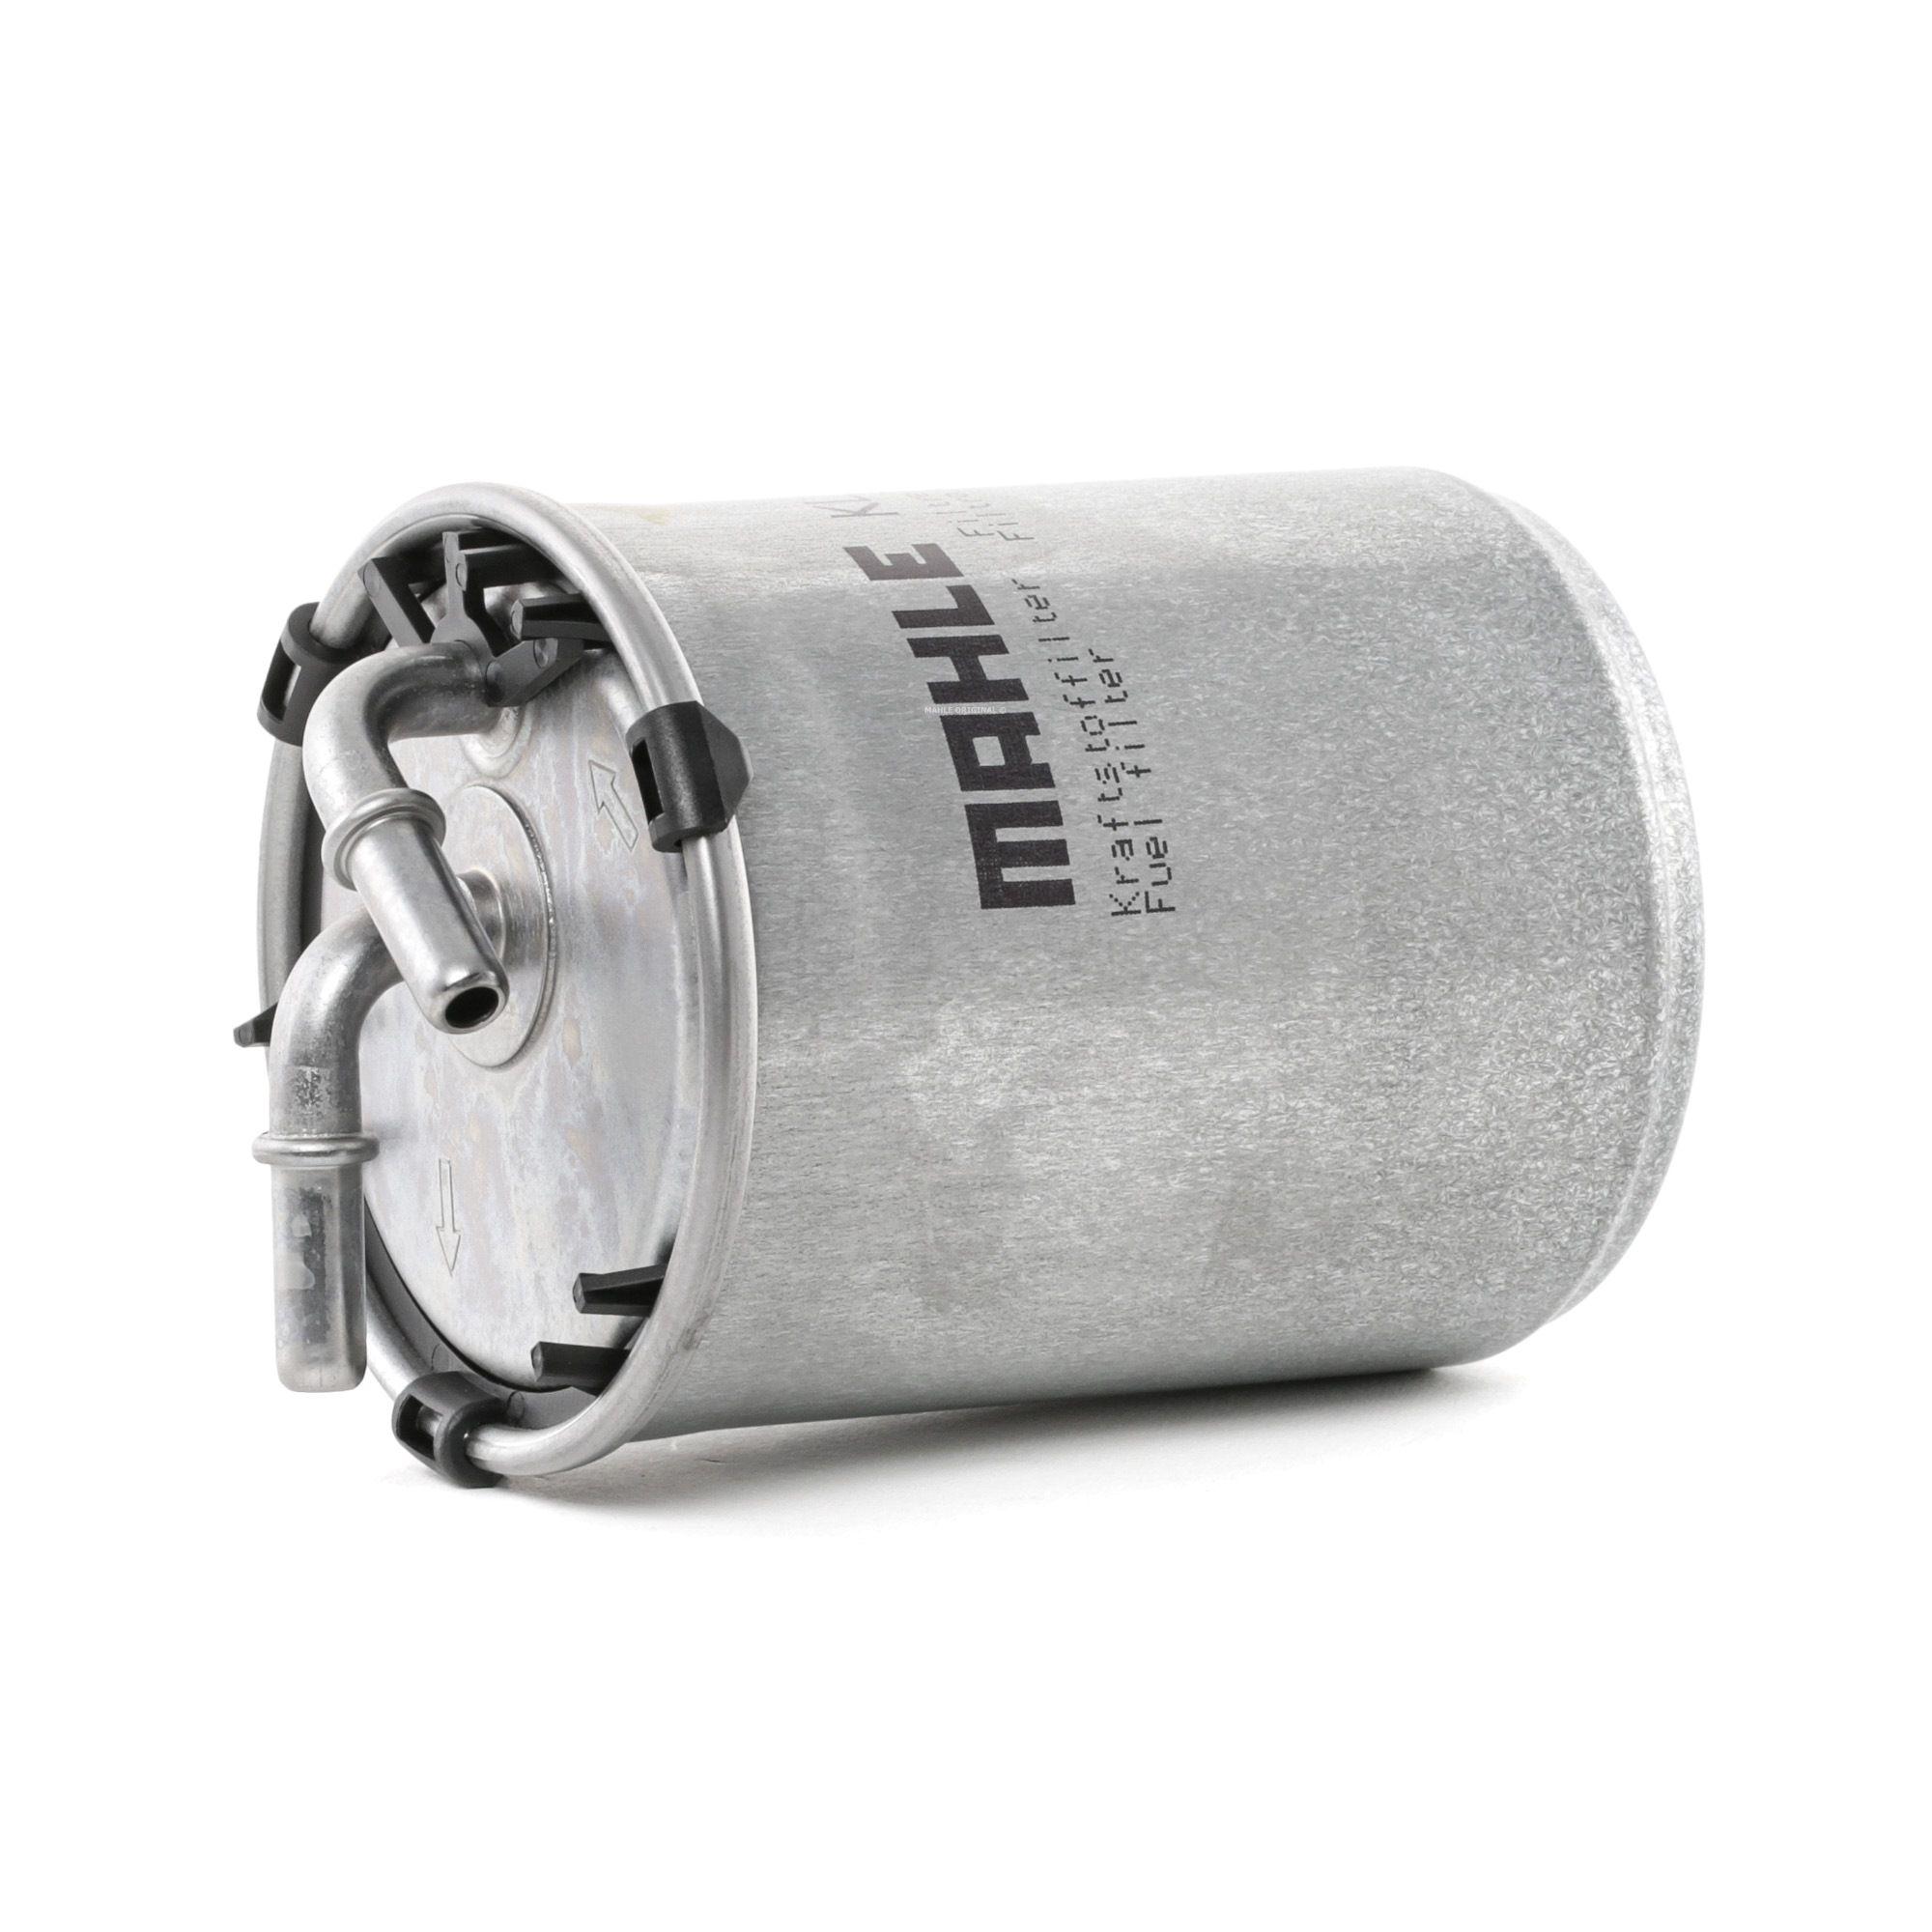 Køb 79927317 MAHLE ORIGINAL Ledningsfilter Höhe: 132mm, Gehäusedurchmesser: 80mm Brændstof-filter KL 778 billige